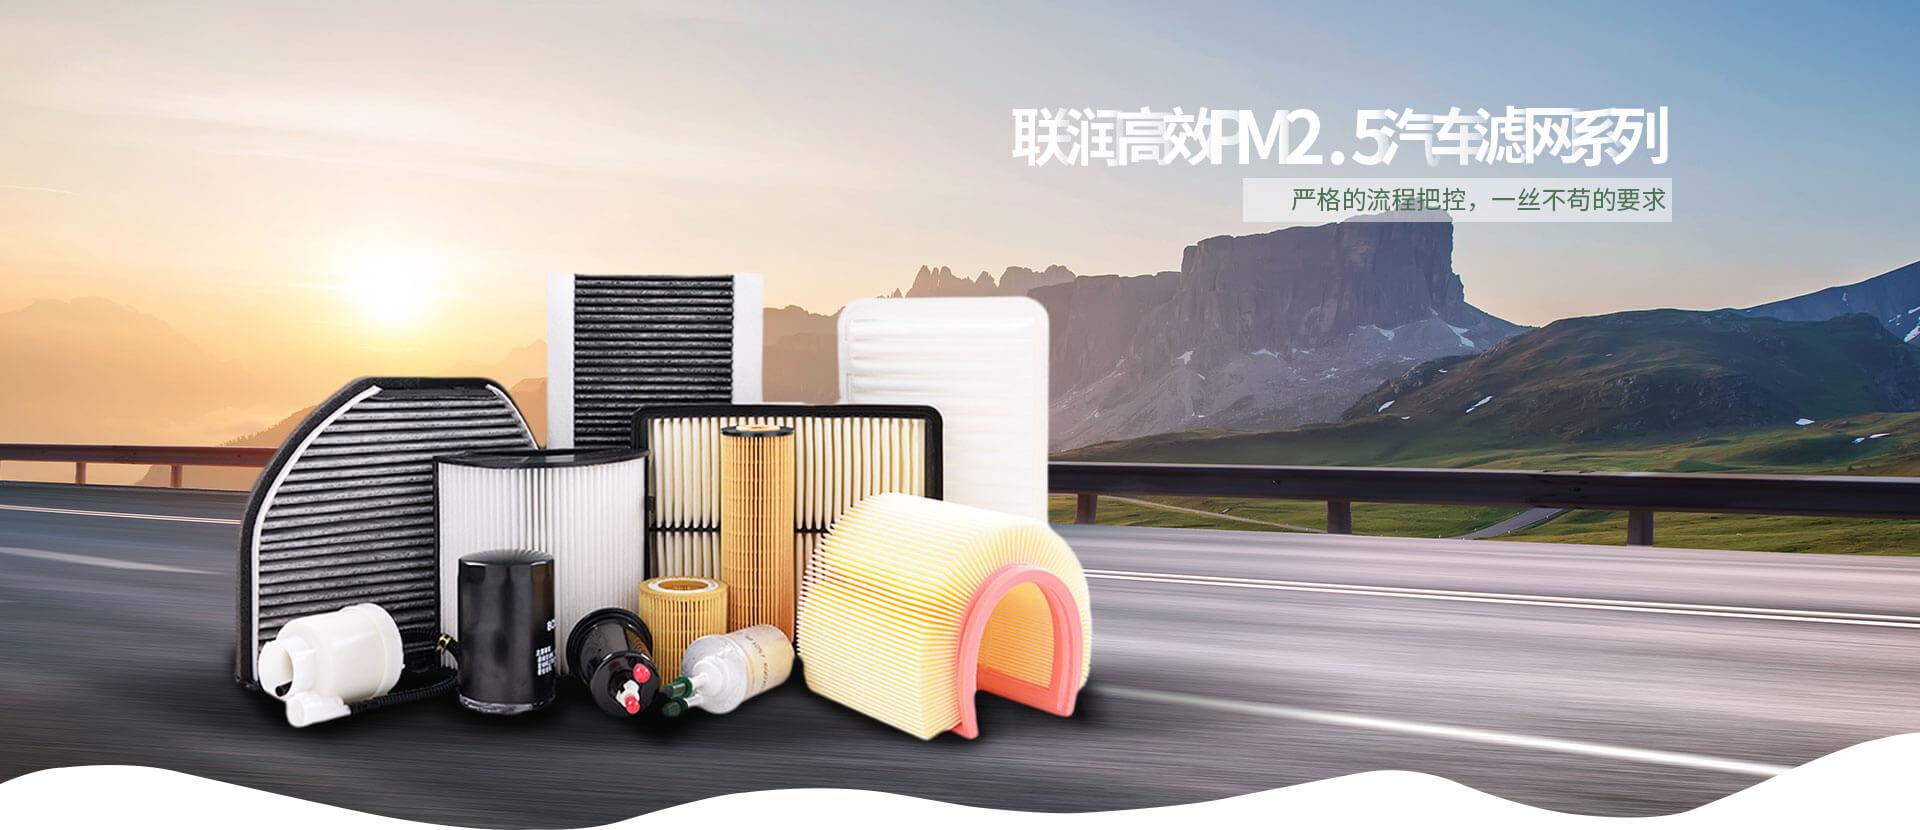 联润高效PM2.5汽车滤网系列